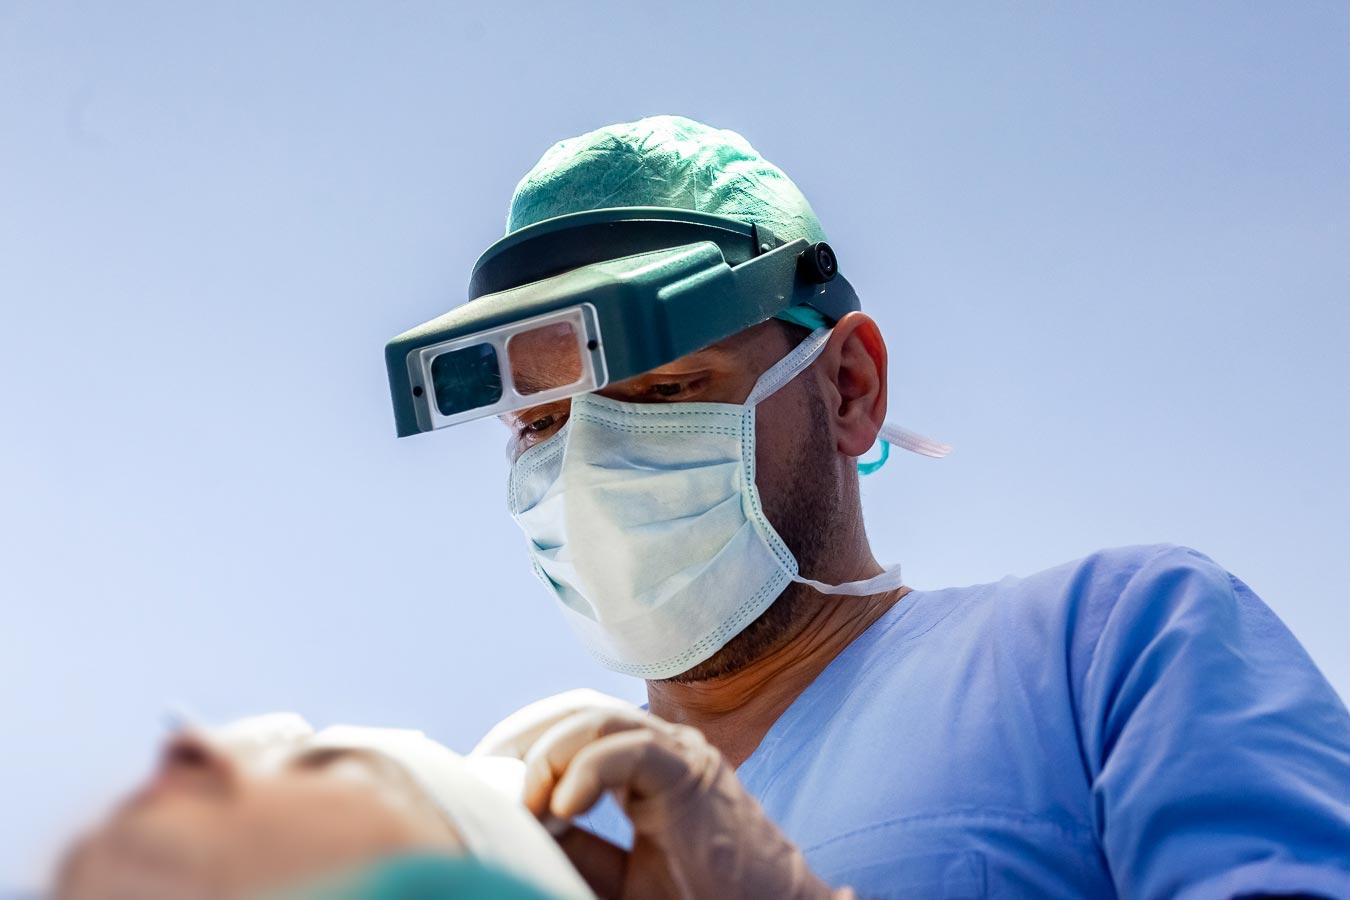 Chirurg plastyczny w trakcie zabiegu transplantacji